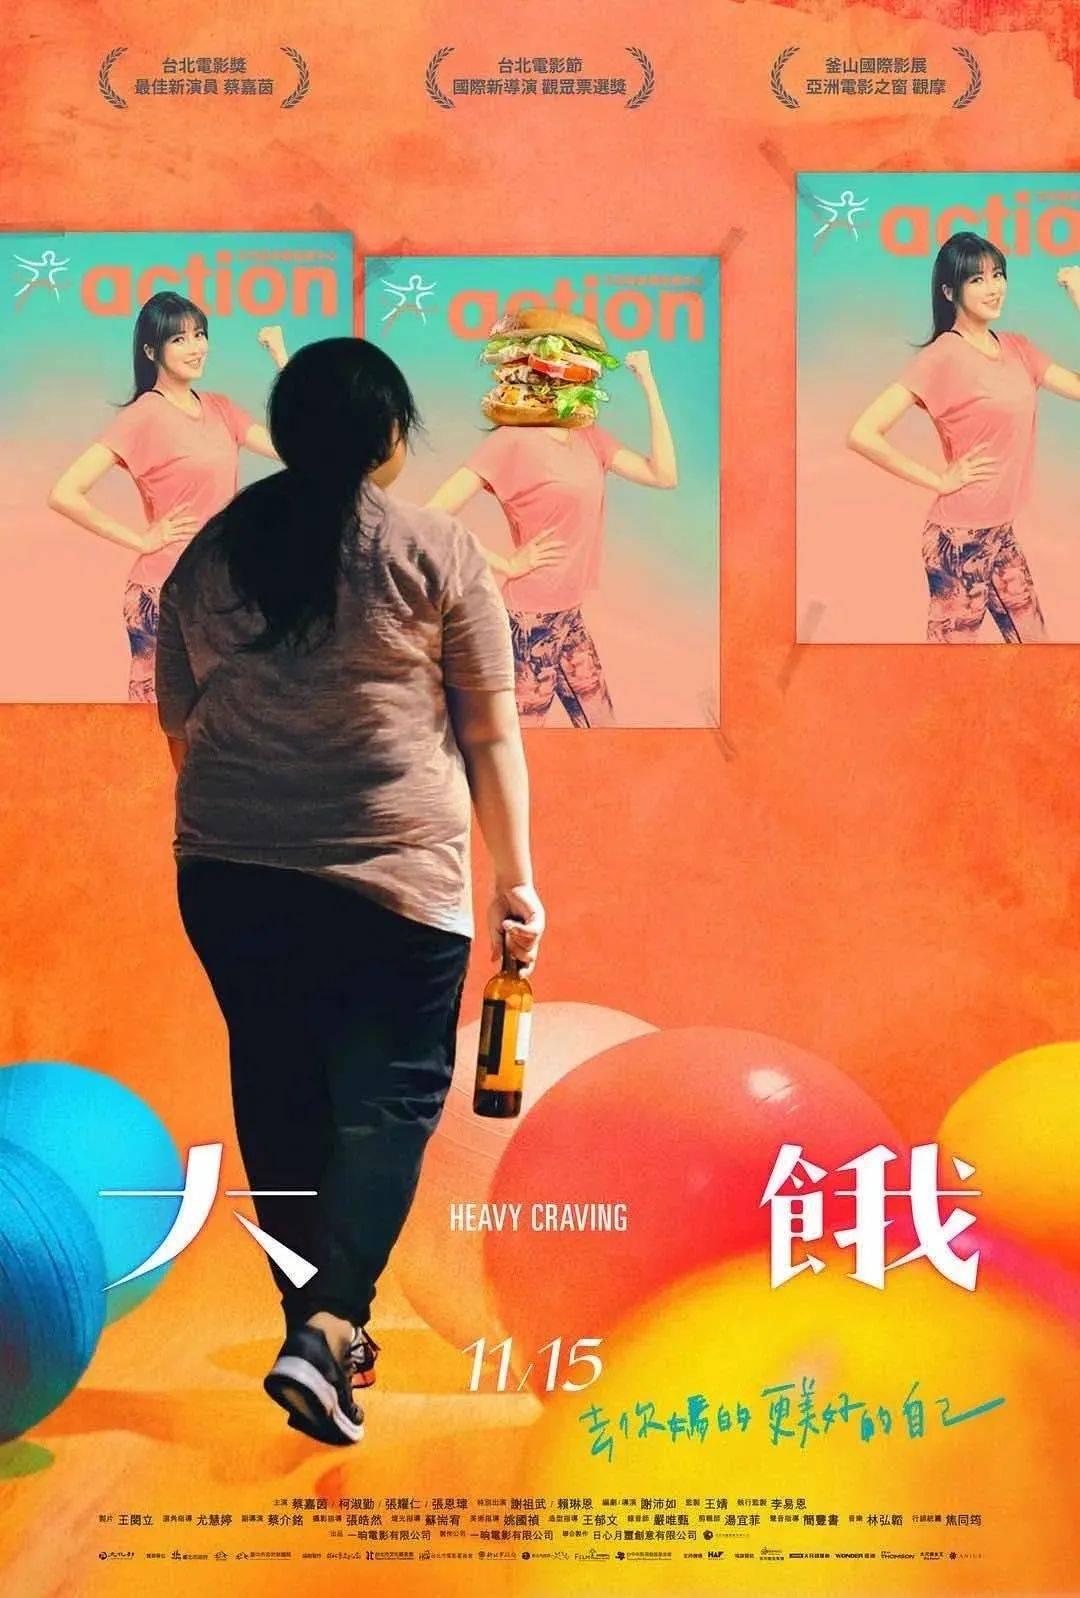 55岁巩俐近照曝光被嘲上热搜:我看到了对女性最大的恶_减肥